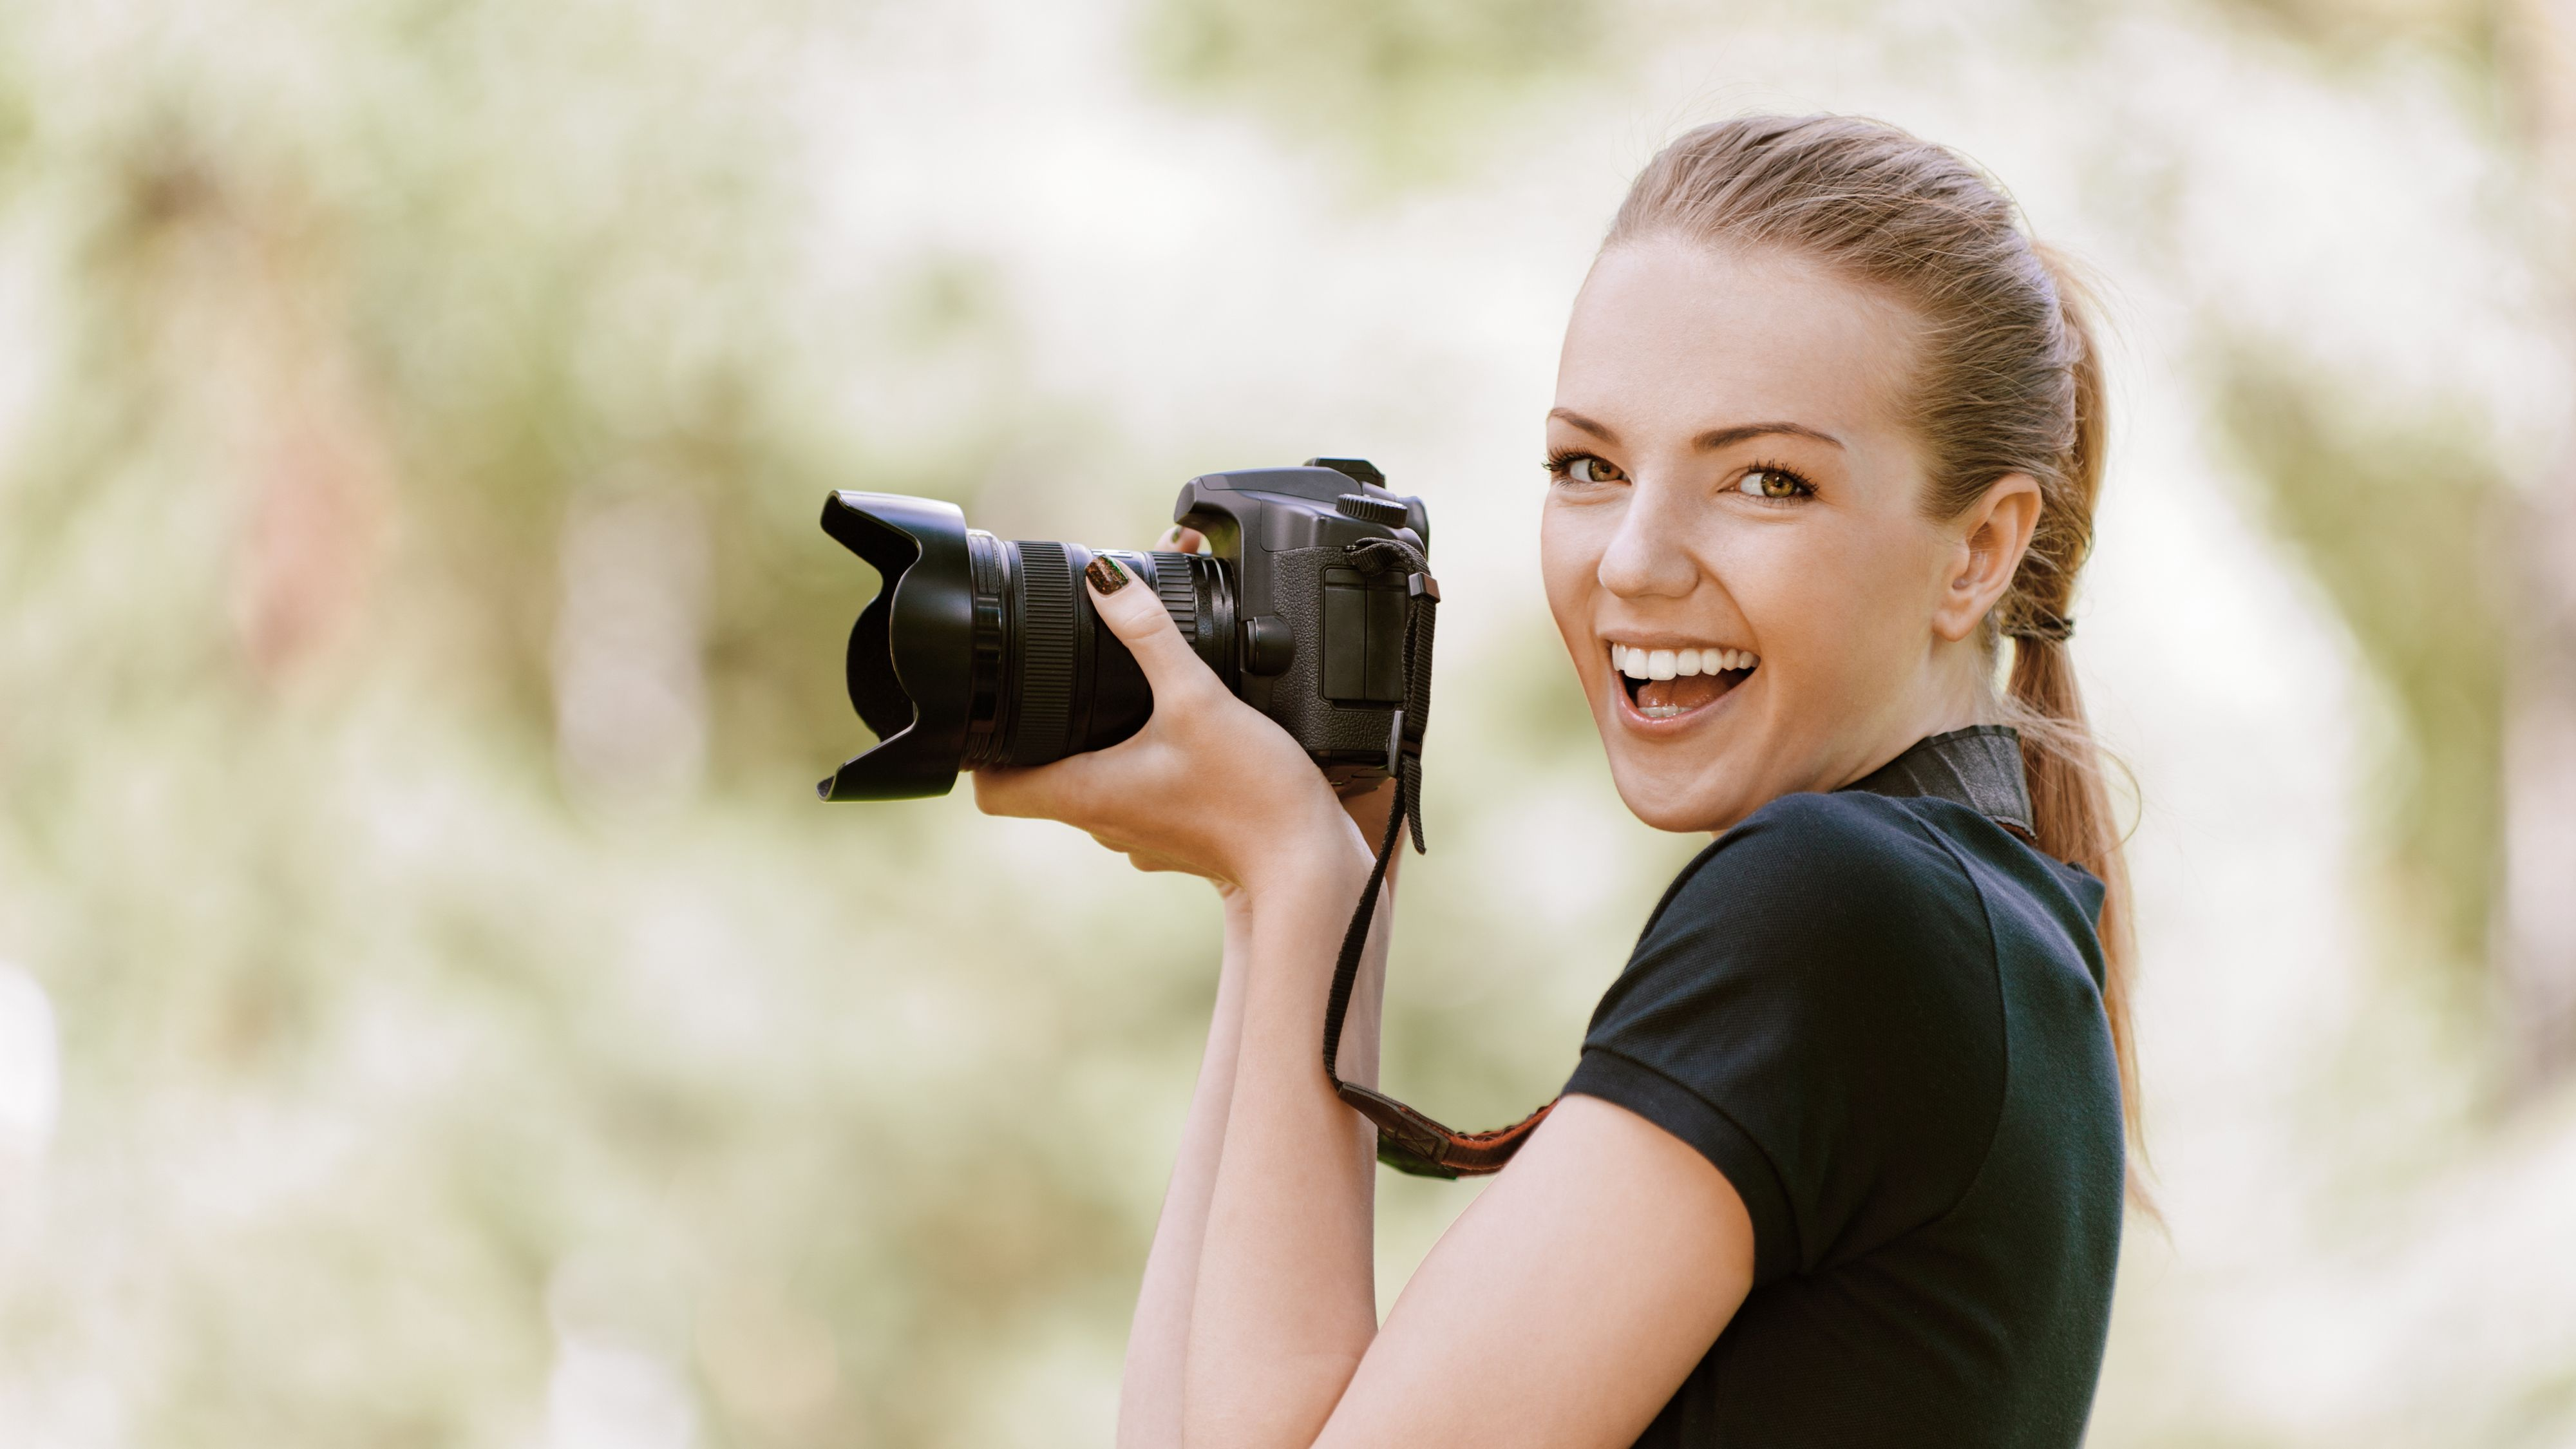 – Ja, jeg elsker digitale kameraer